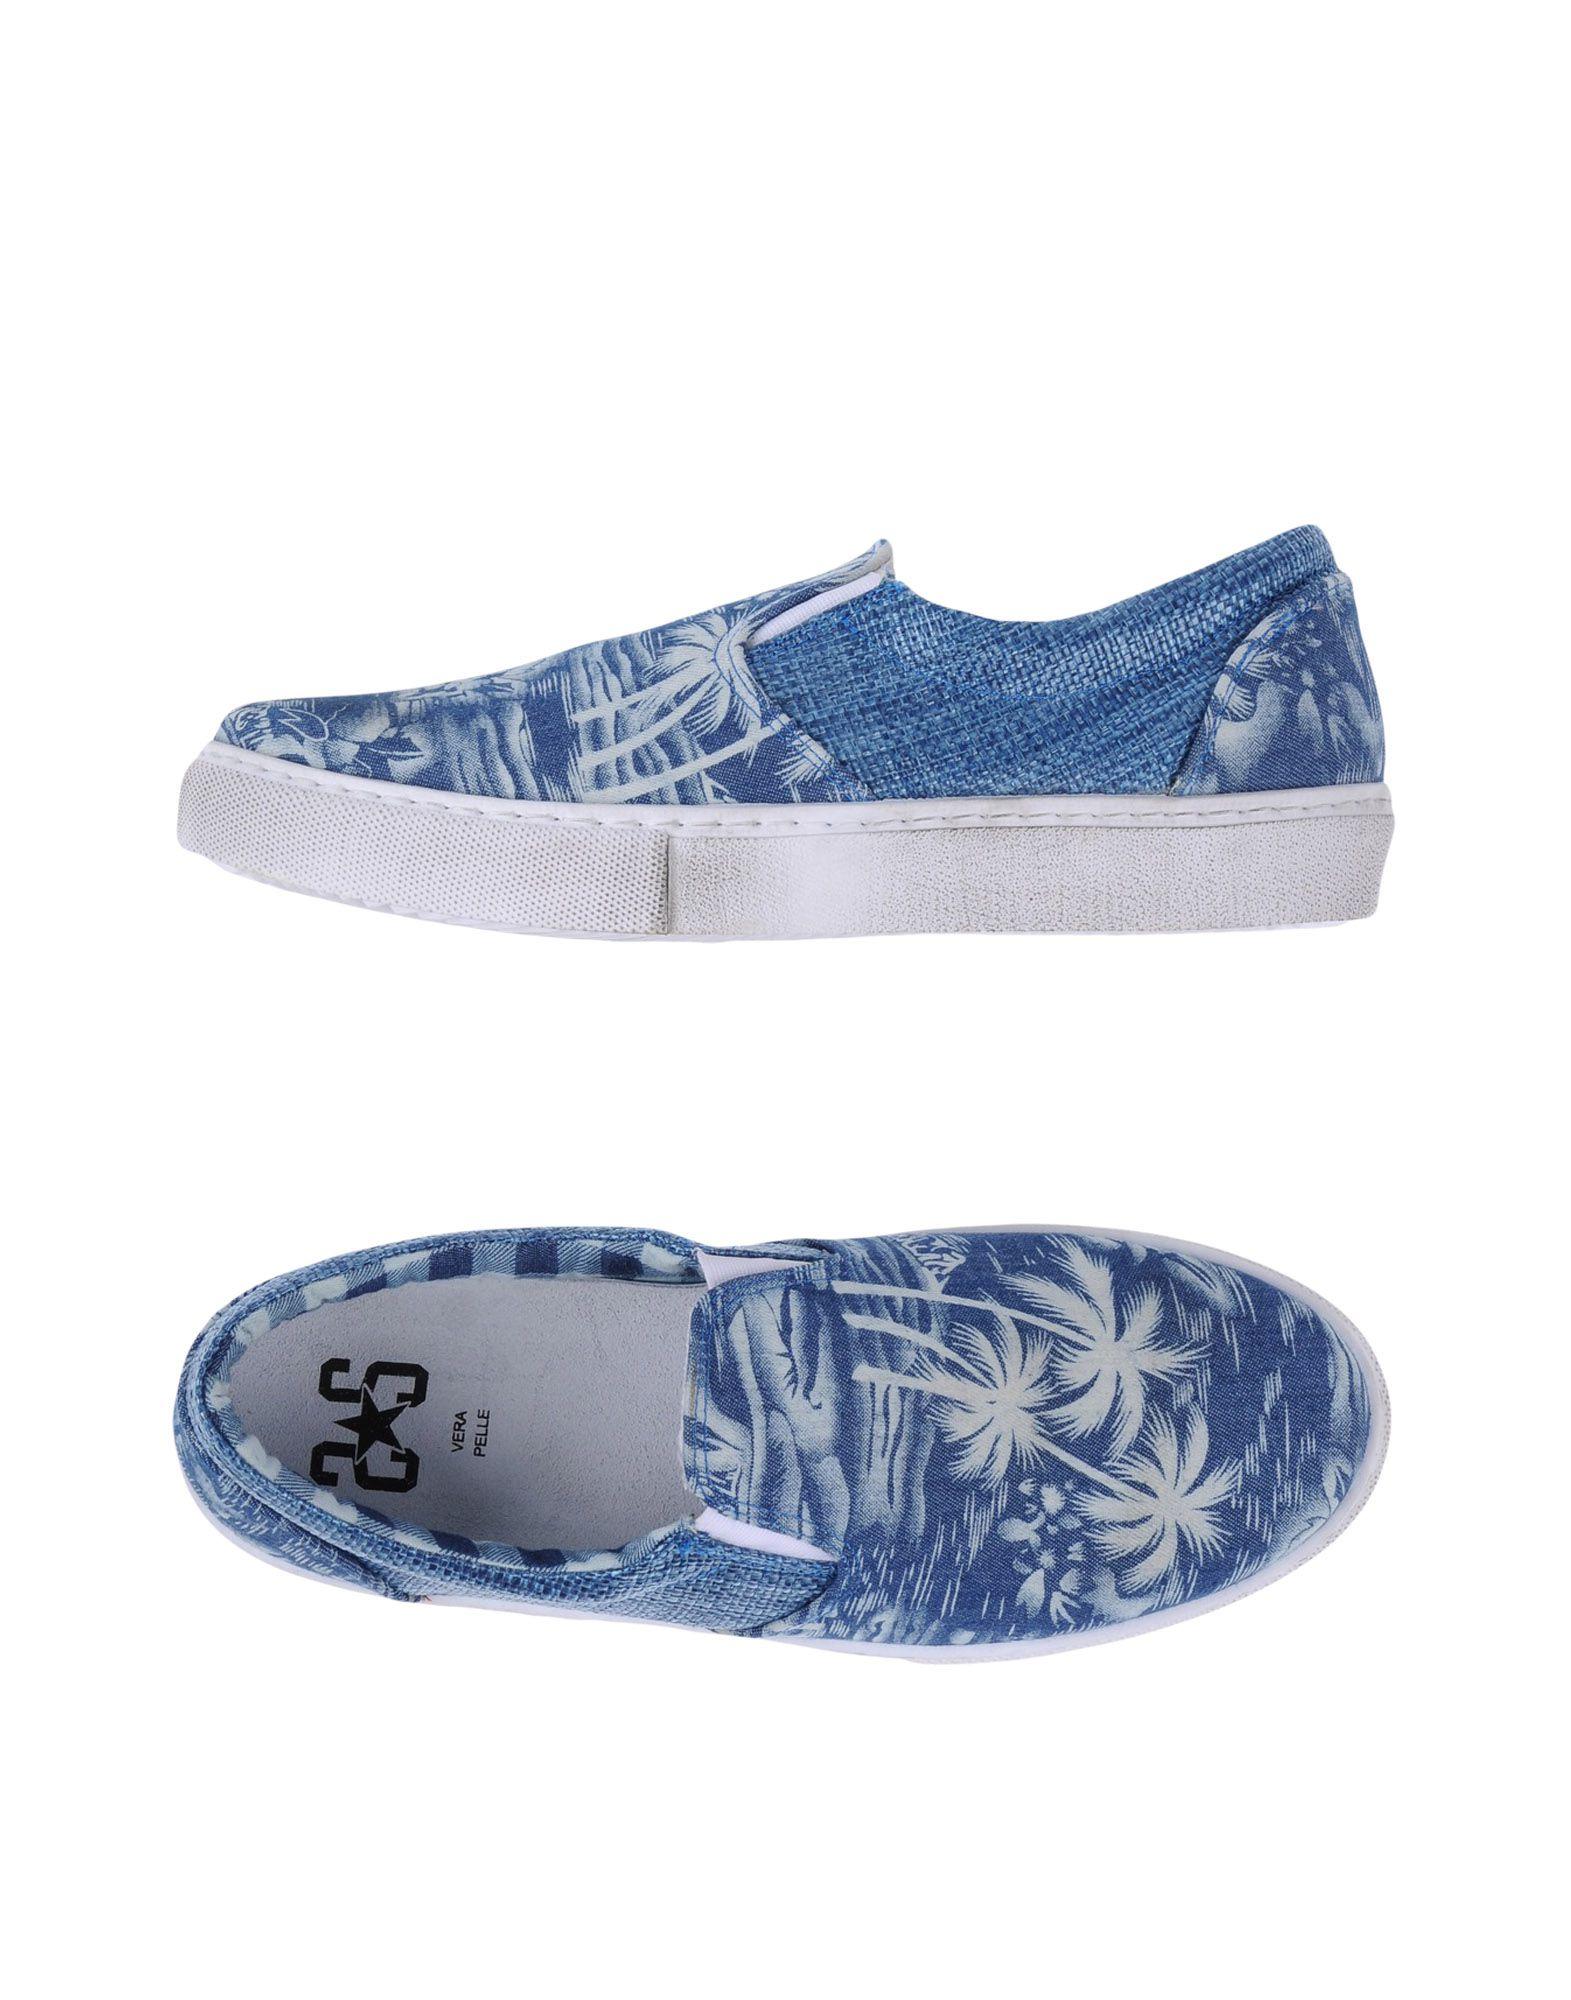 2Star Sneakers Herren  11129211FJ